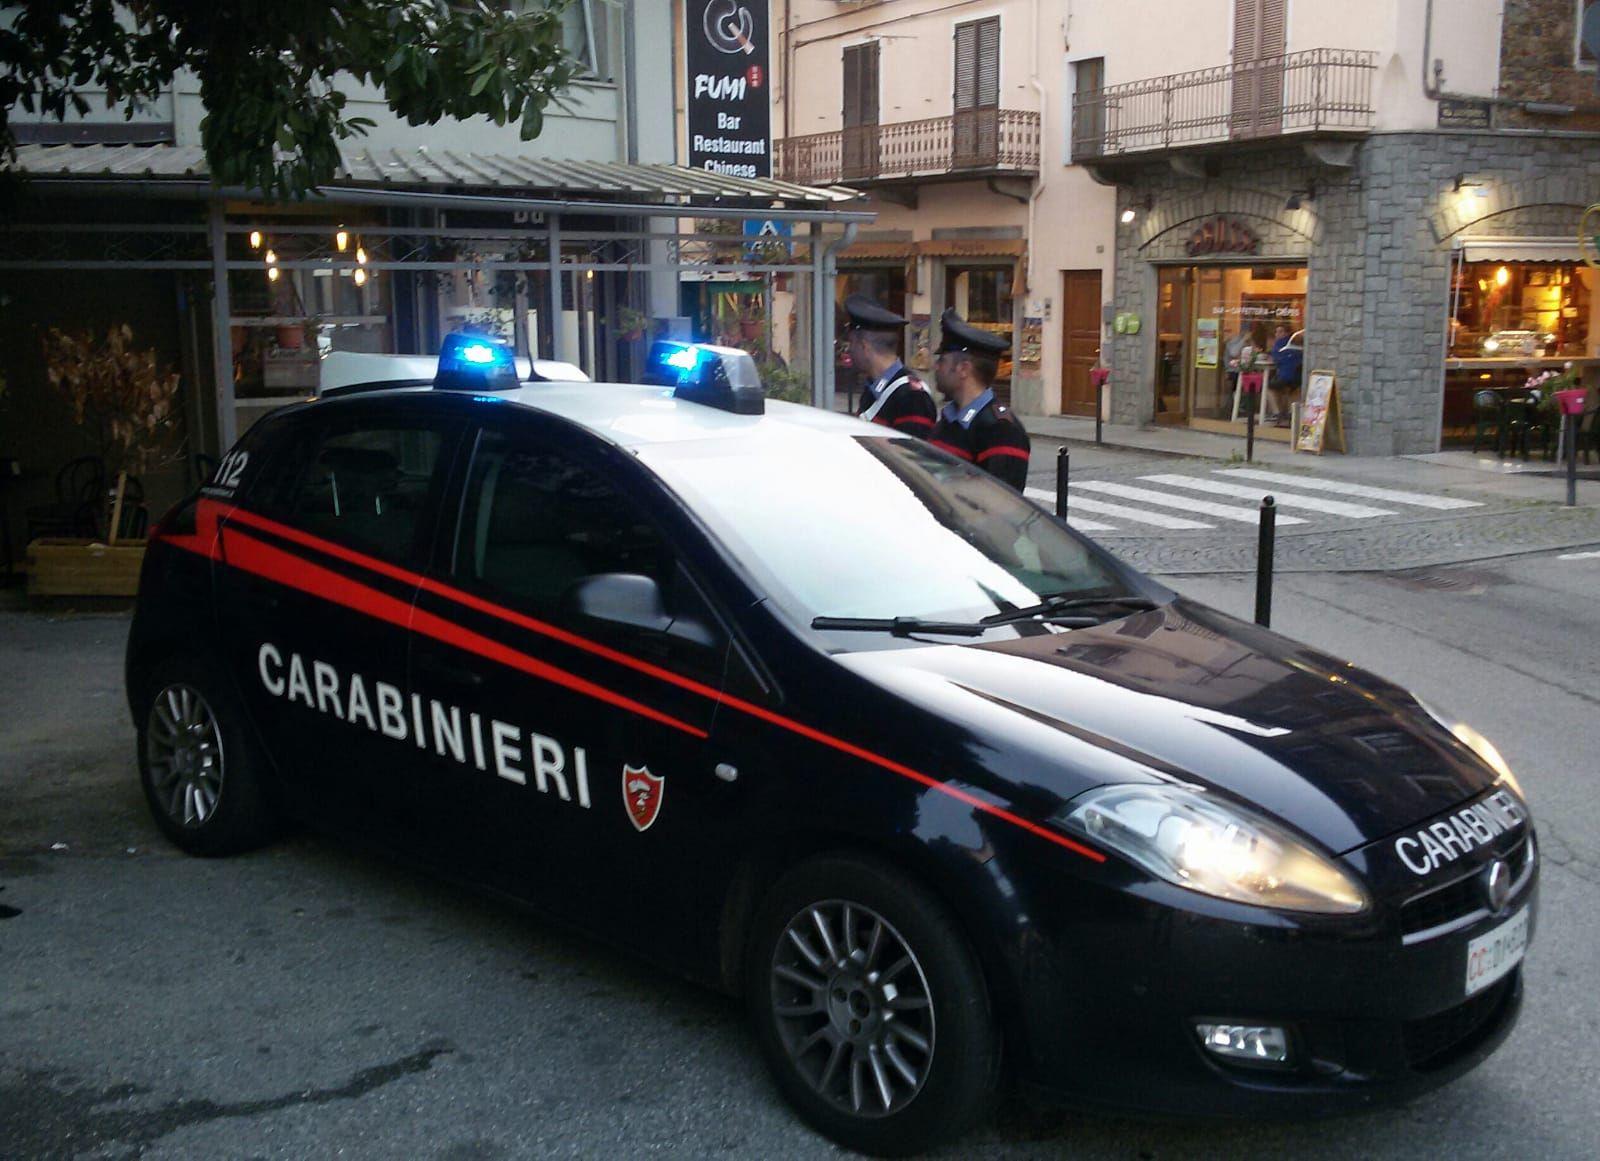 CASTELLAMONTE - Calci e pugni ai clienti del ristorante: 23enne arrestato dai carabinieri in pieno centro